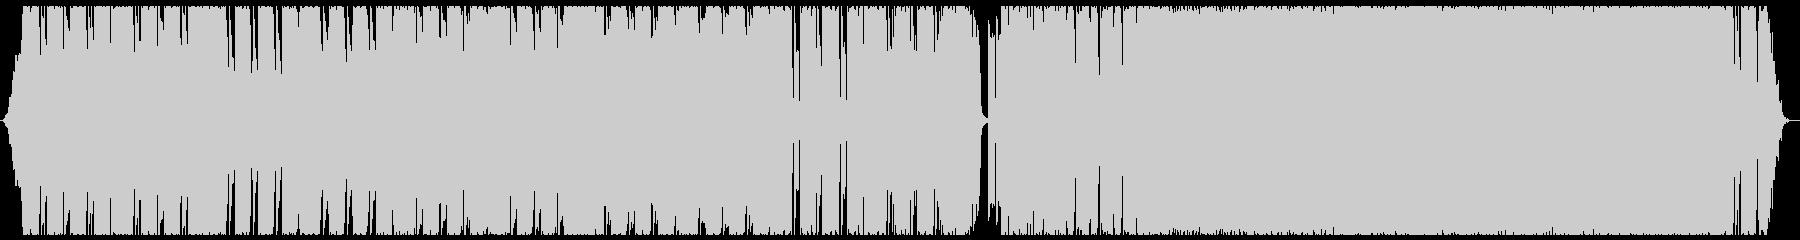 重低音が響くヘドバンしたくなる曲の未再生の波形